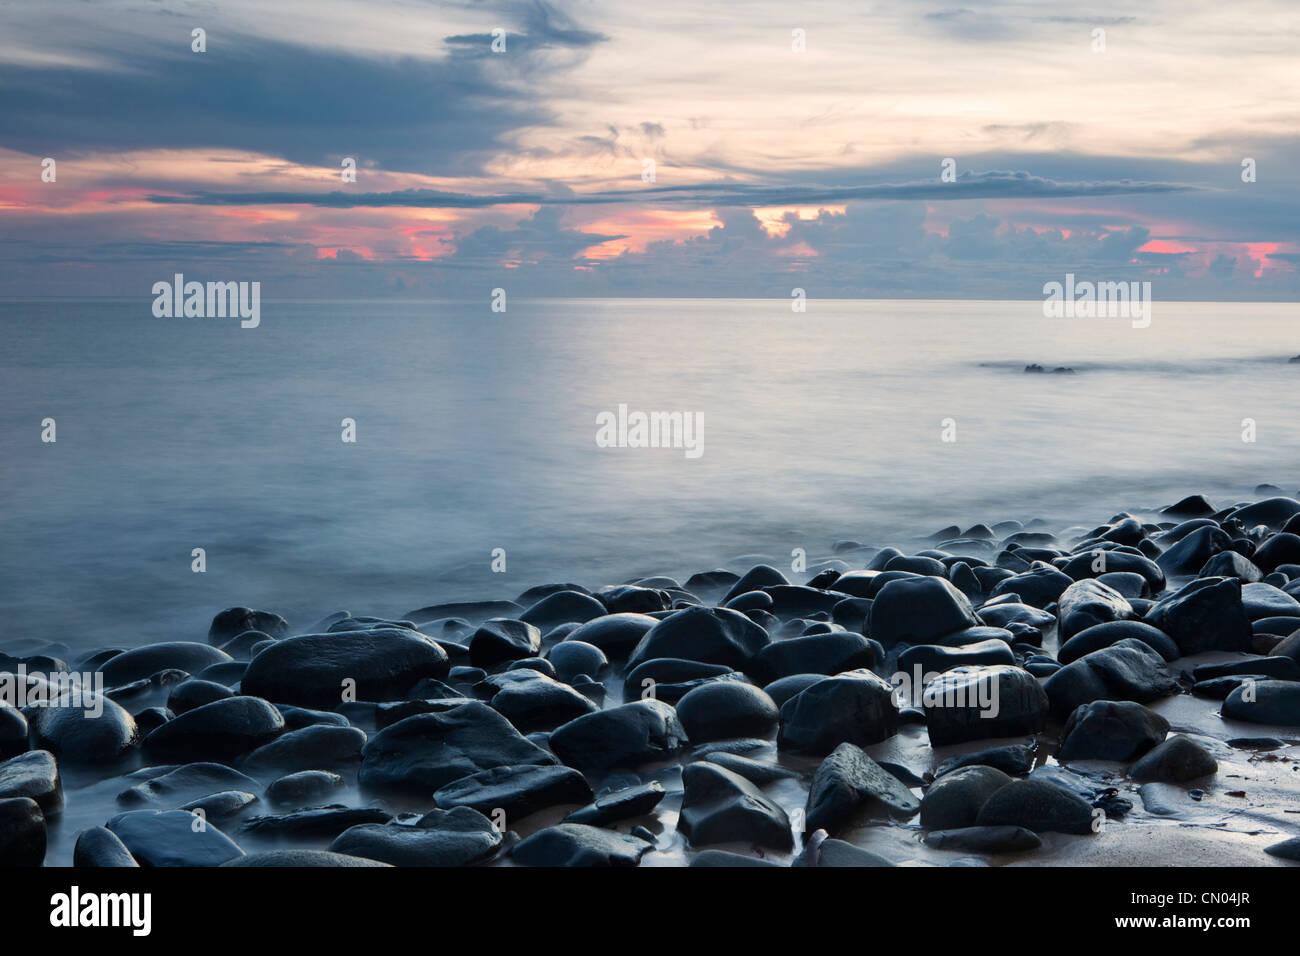 Clapotis des vagues des pierres sur une plage de galets à l'aube, près de Cairns, Queensland, Australie Photo Stock